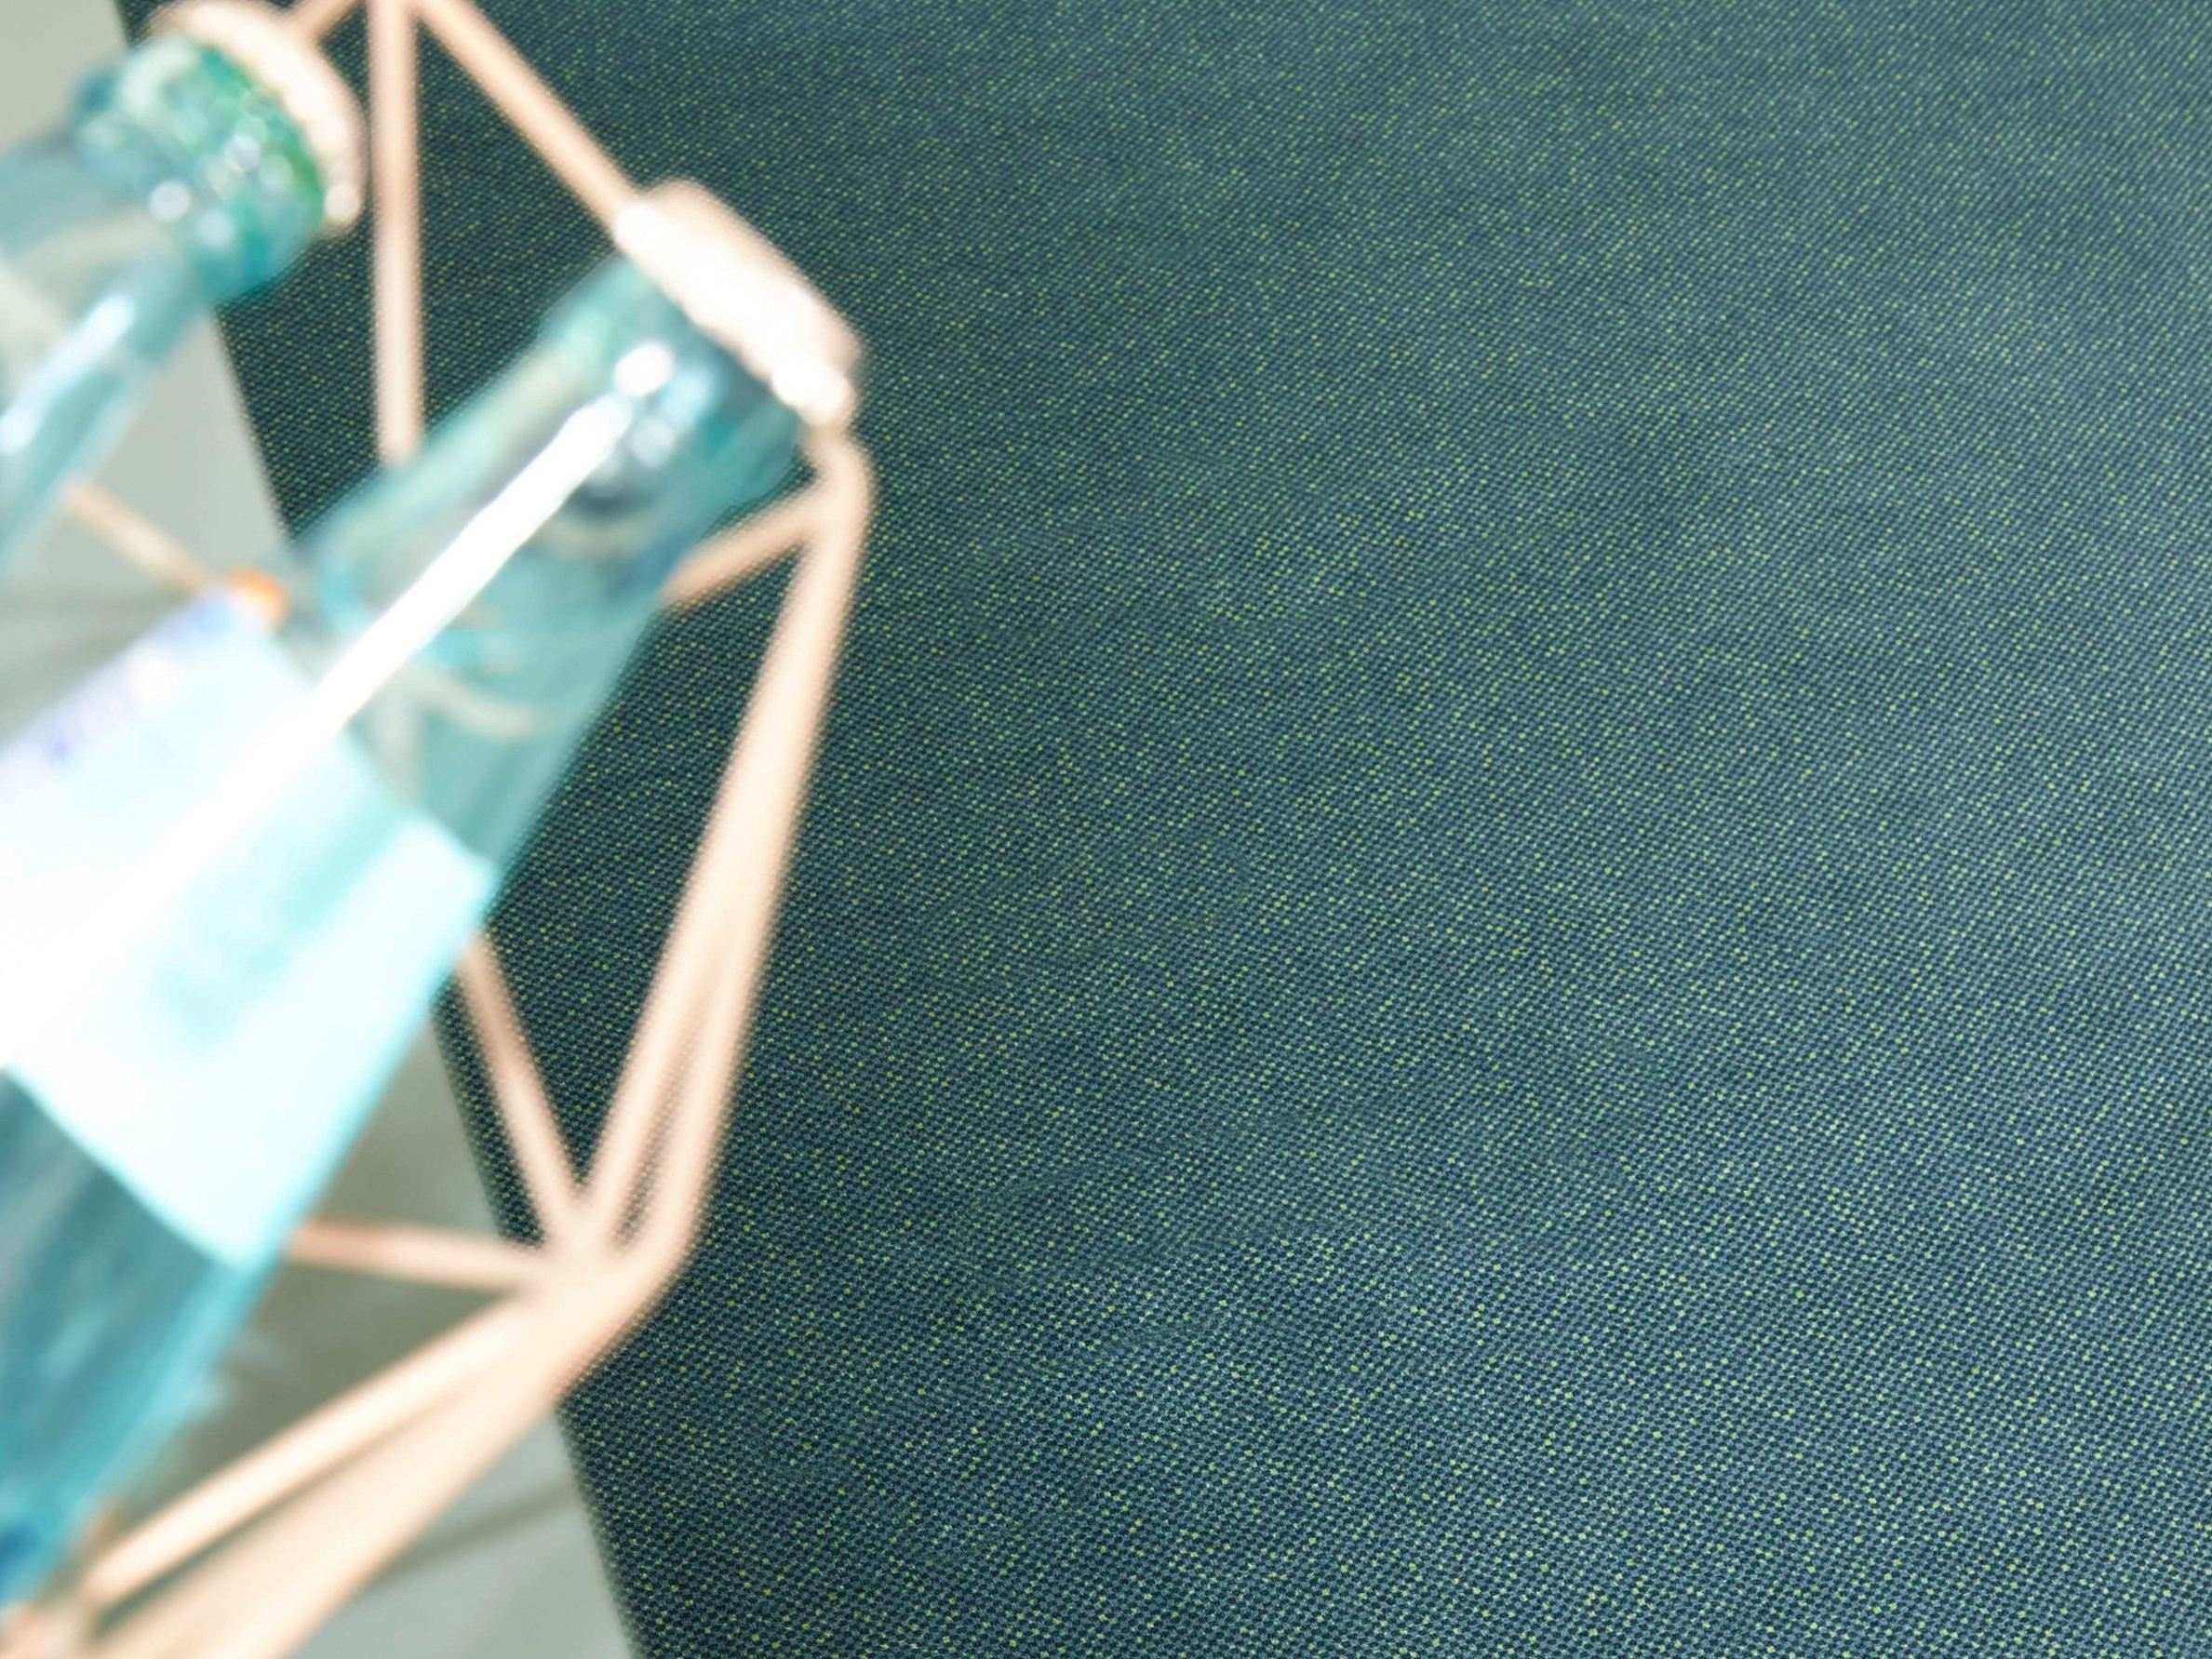 solid color carpeting tecno by vorwerk co teppichwerke. Black Bedroom Furniture Sets. Home Design Ideas